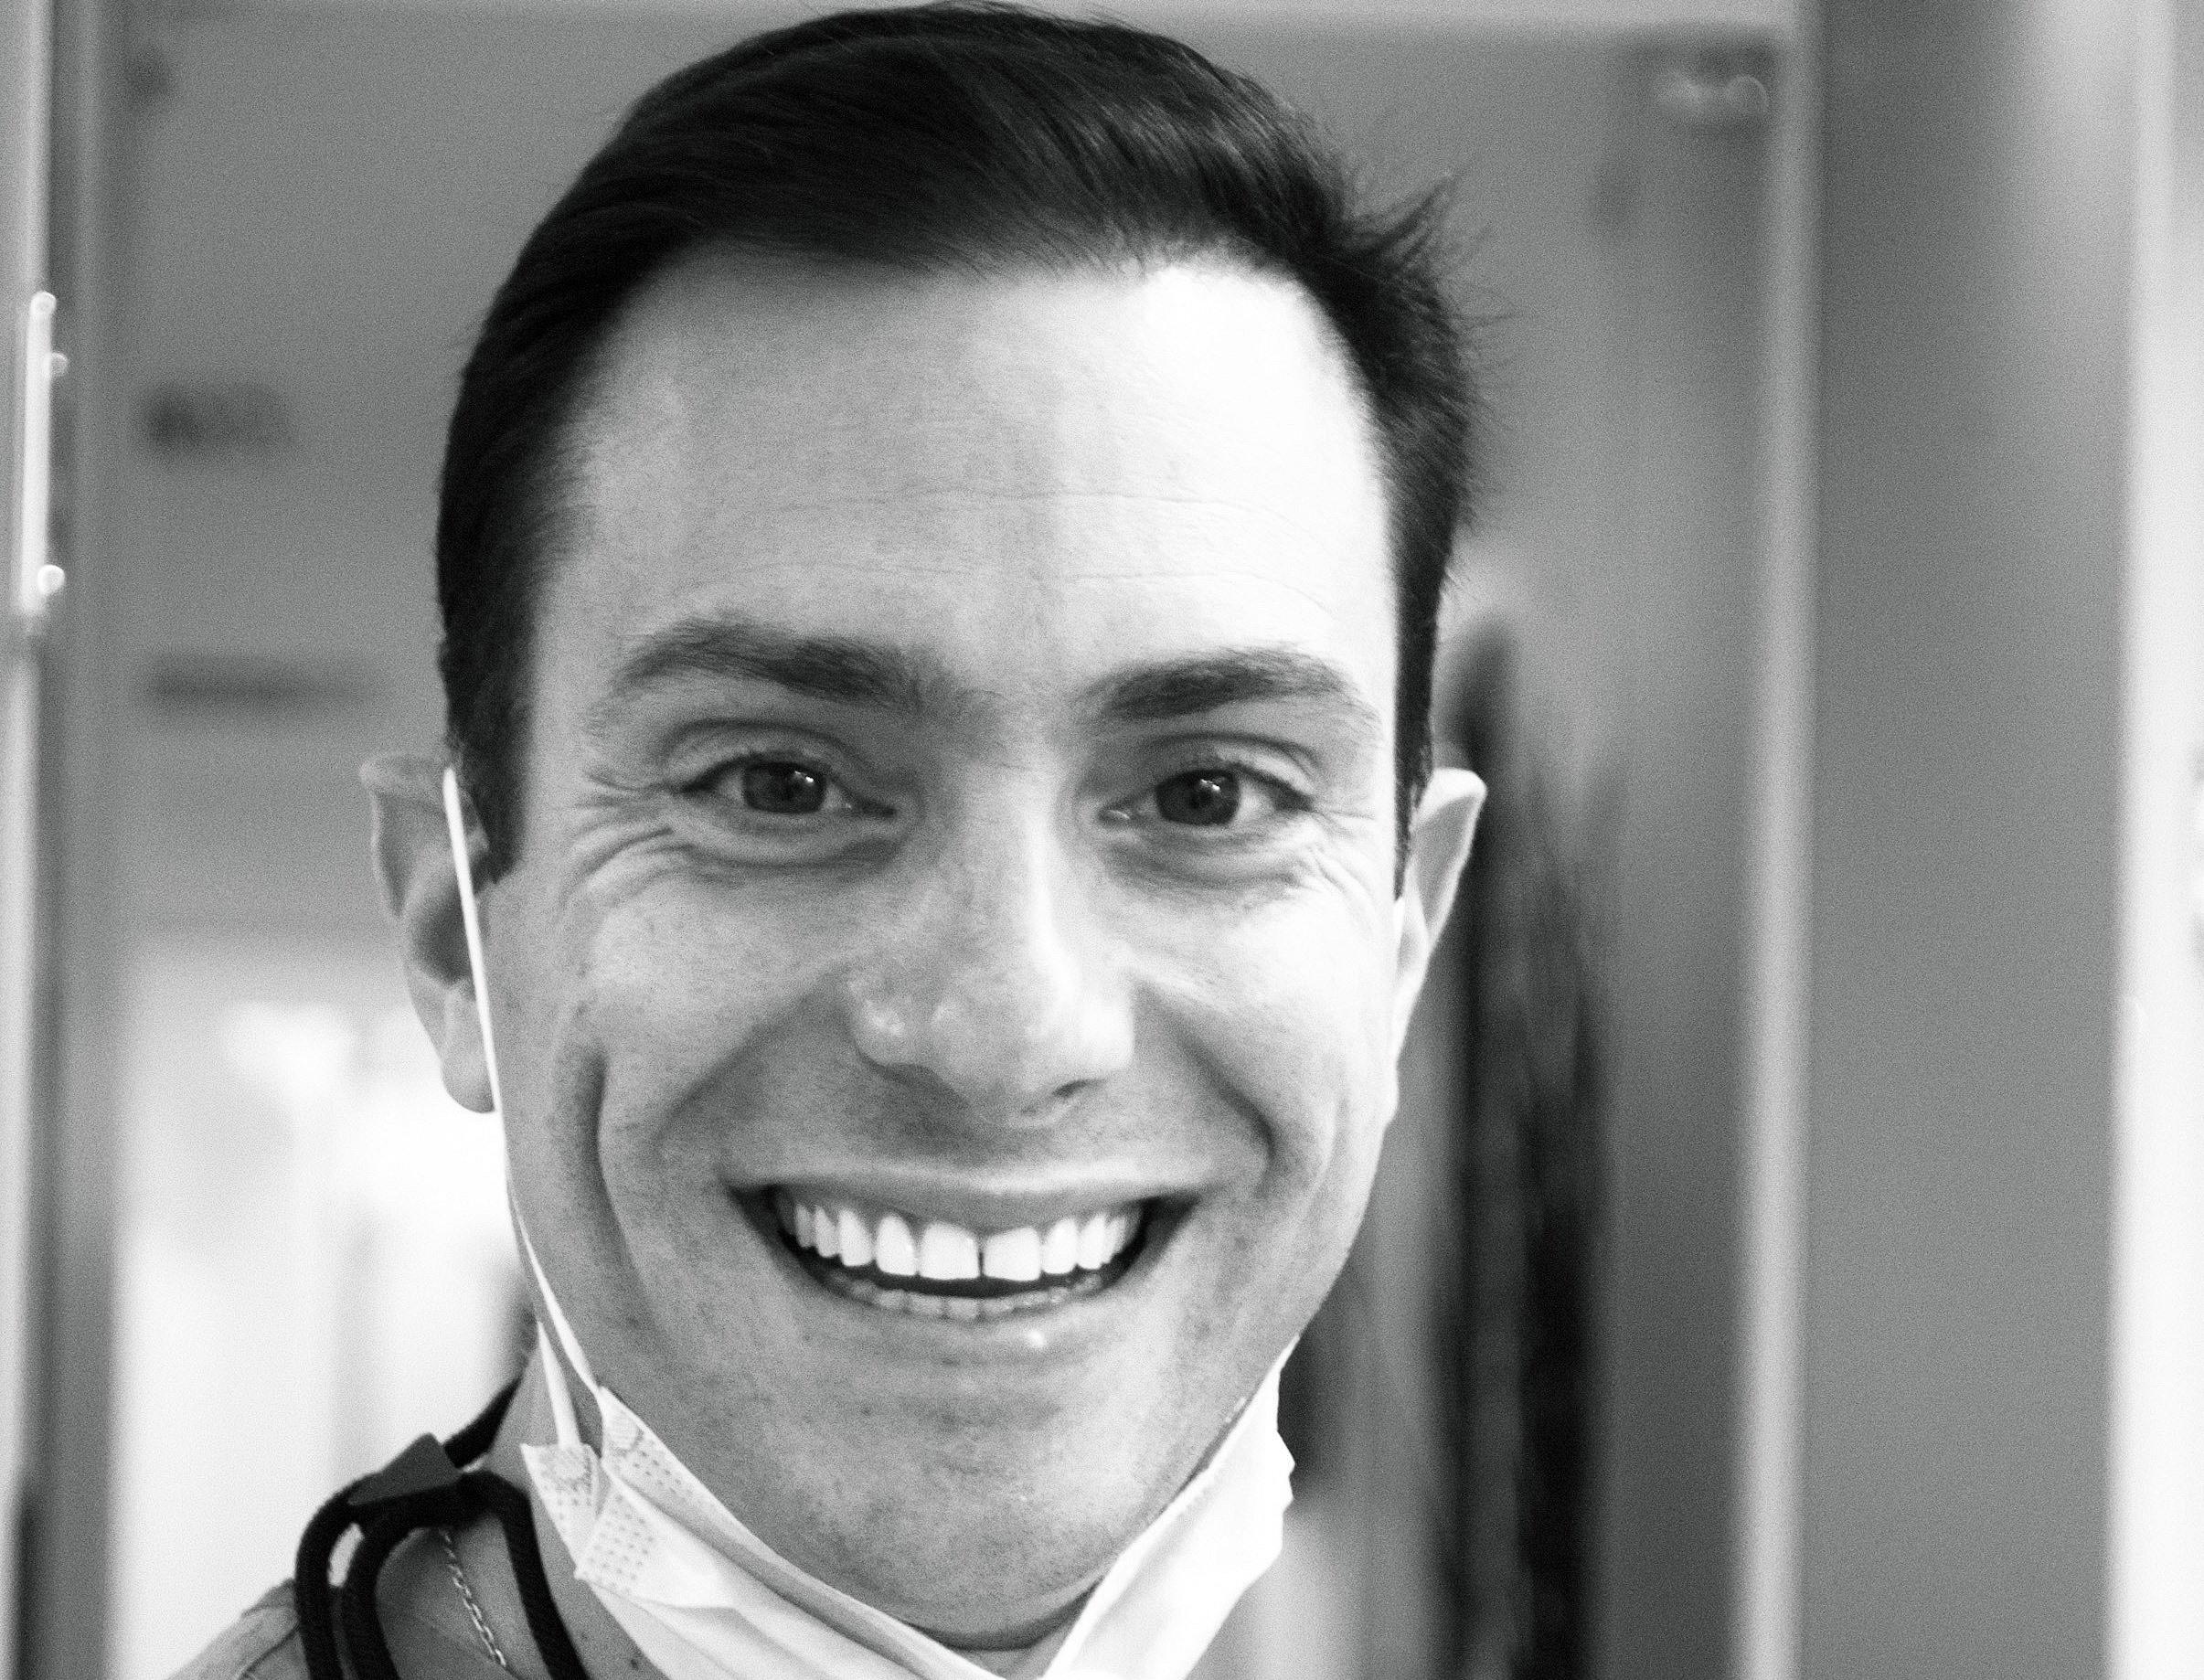 Οδοντιατρικά Eμφυτεύματα: Όλα όσα θέλετε να μάθετε!